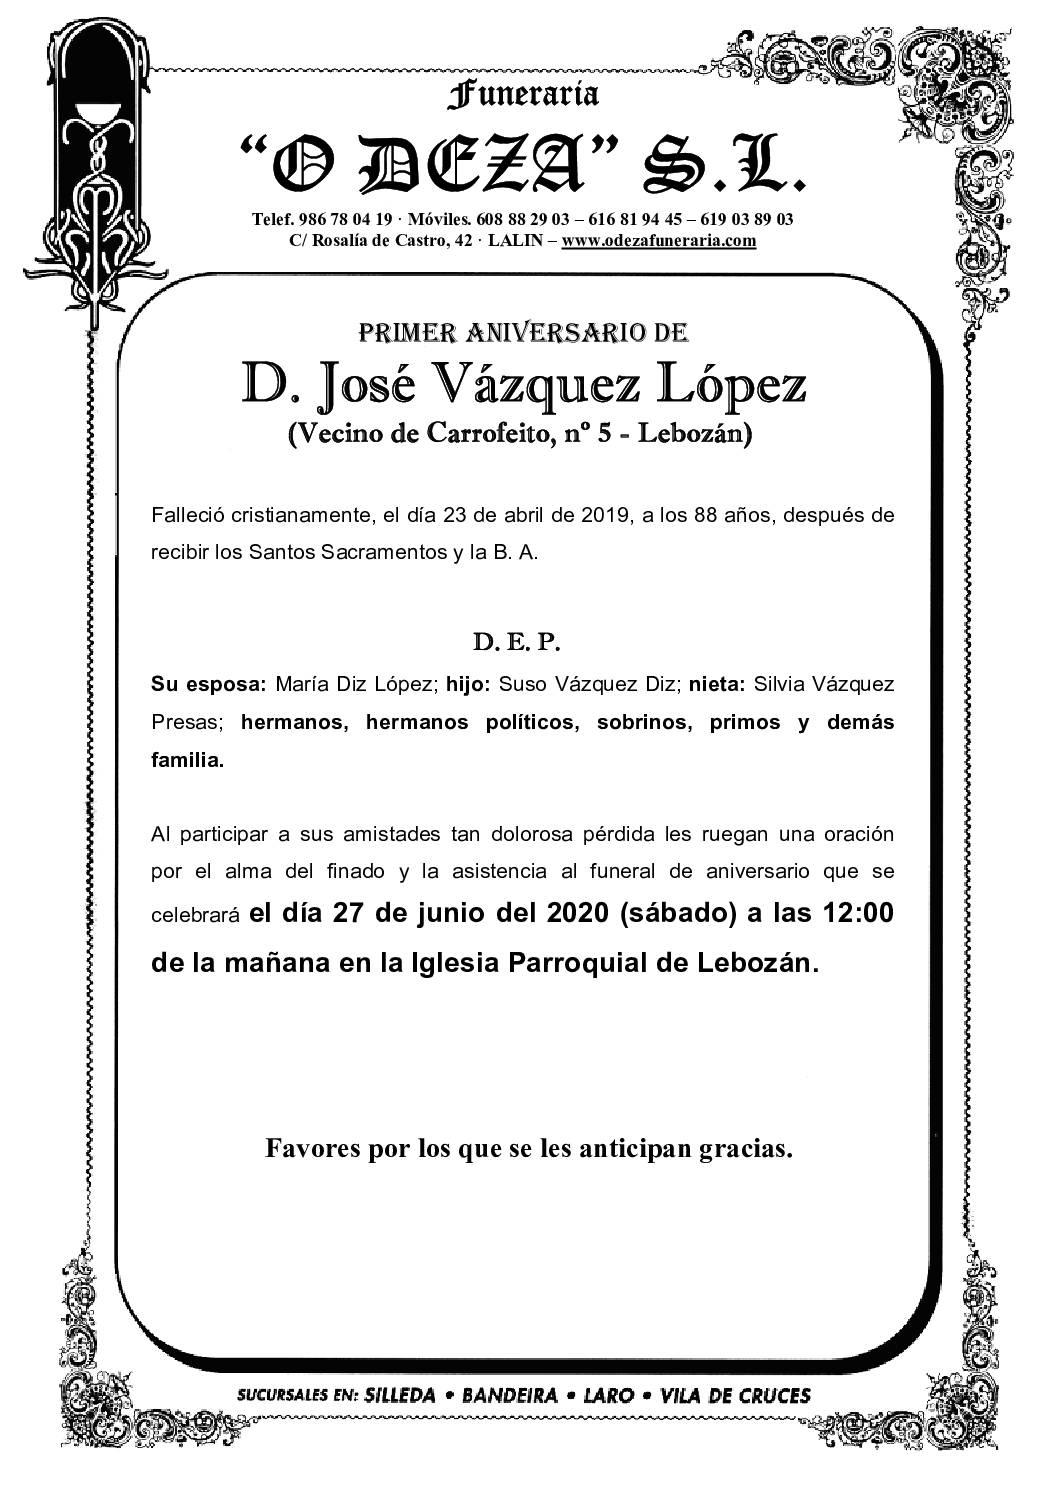 D. JOSÉ VÁZQUEZ LÓPEZ